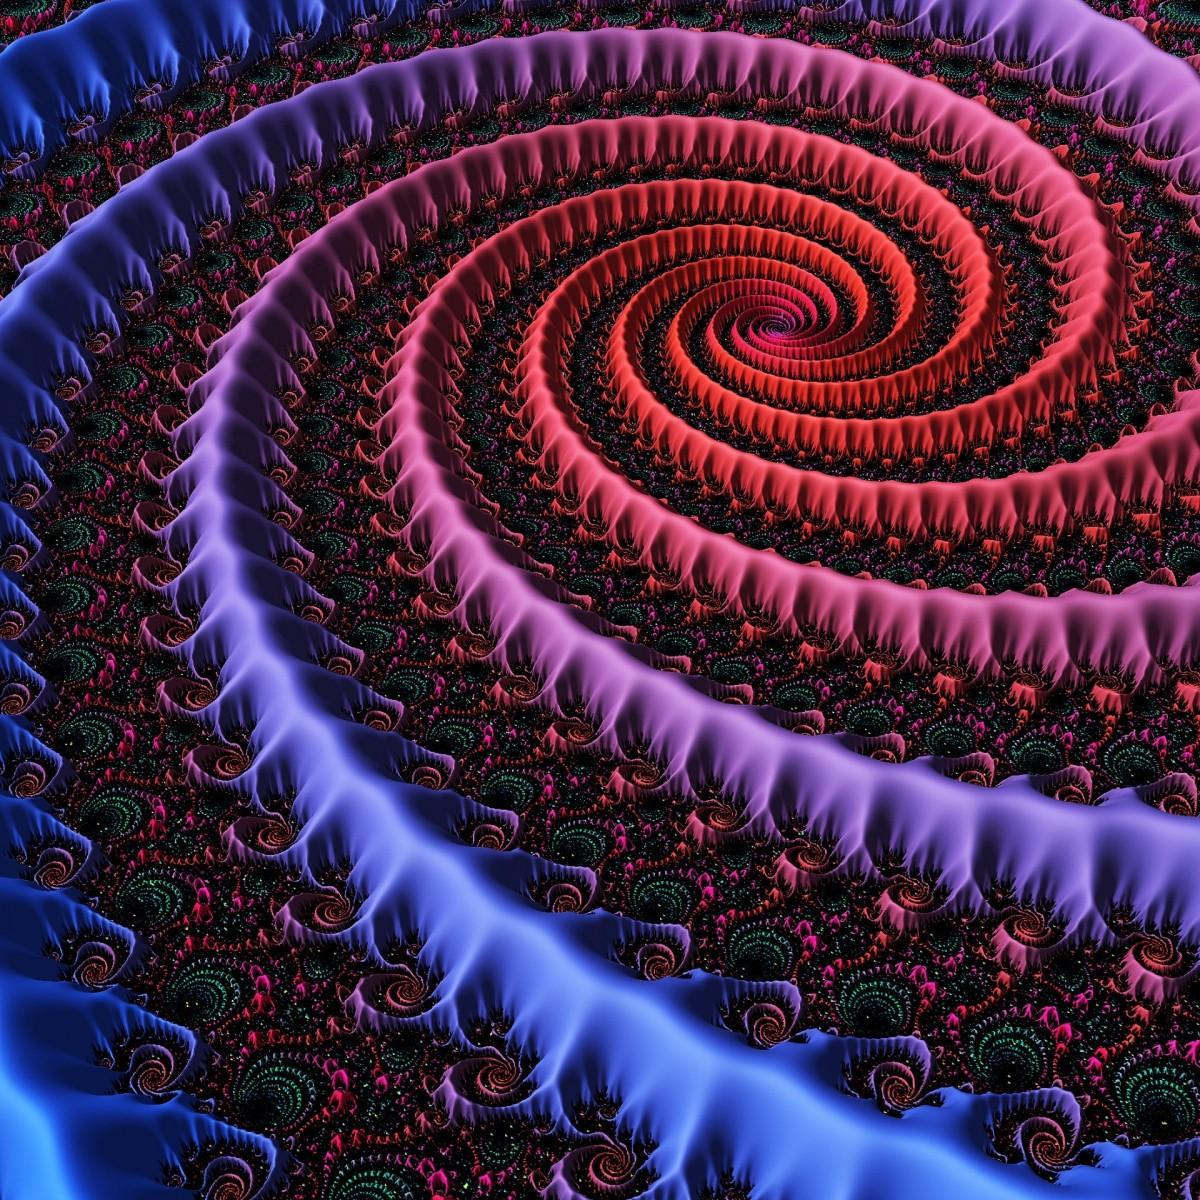 Puzzle Sammeln Puzzle Online - Voluminous spiral